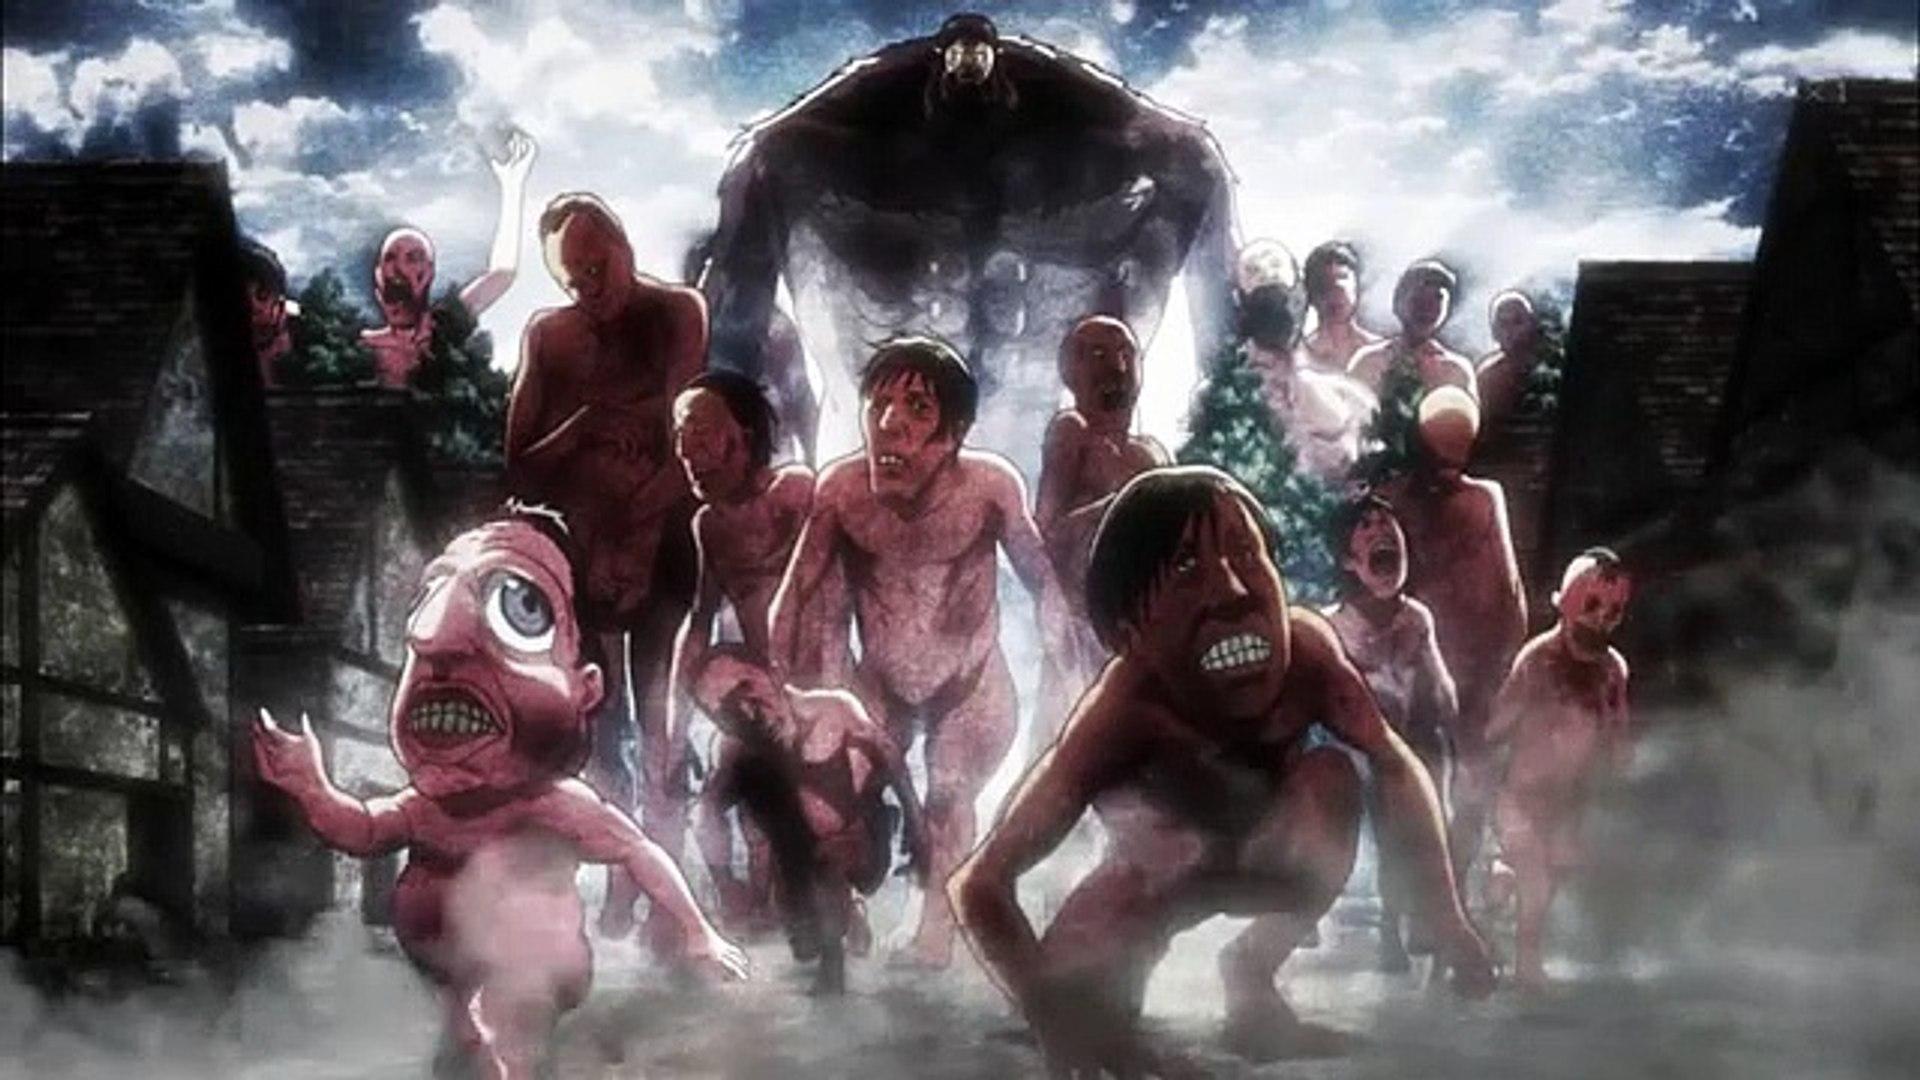 Attack On Titan Season 2 Ost Apetitan Beast Titans Theme Video Dailymotion